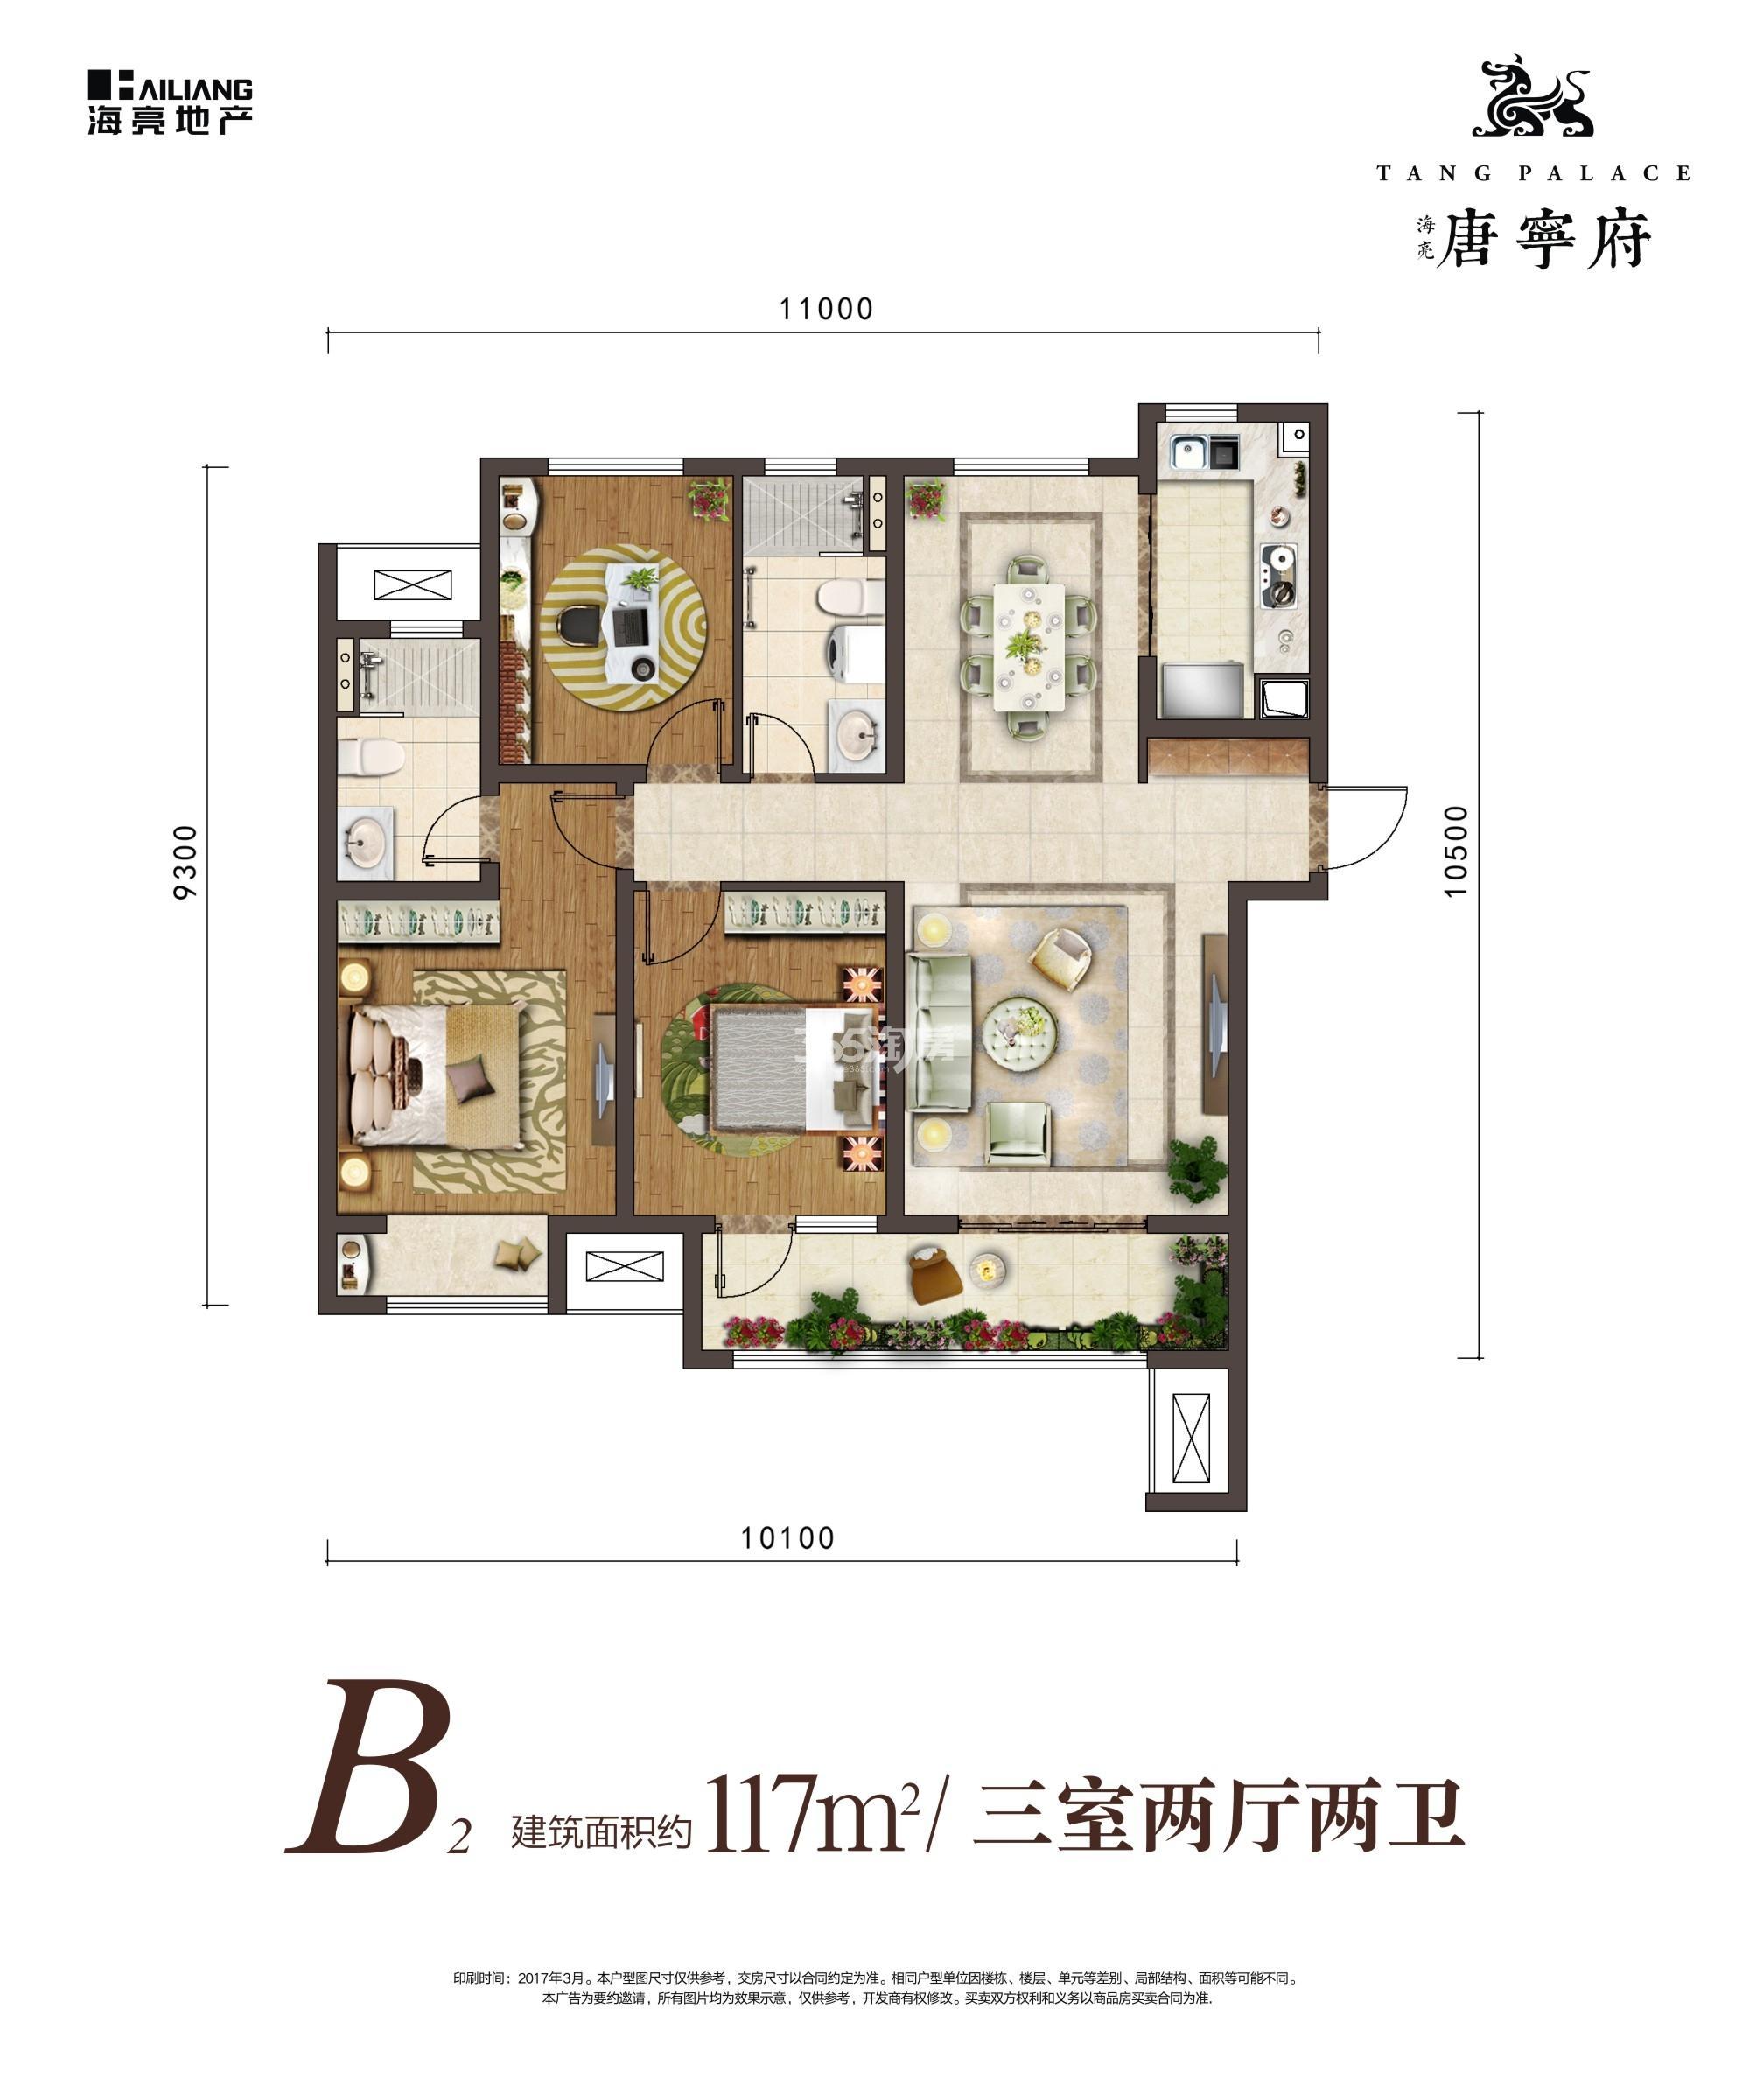 海亮唐寧府B户型三室两厅一厨两卫117平米